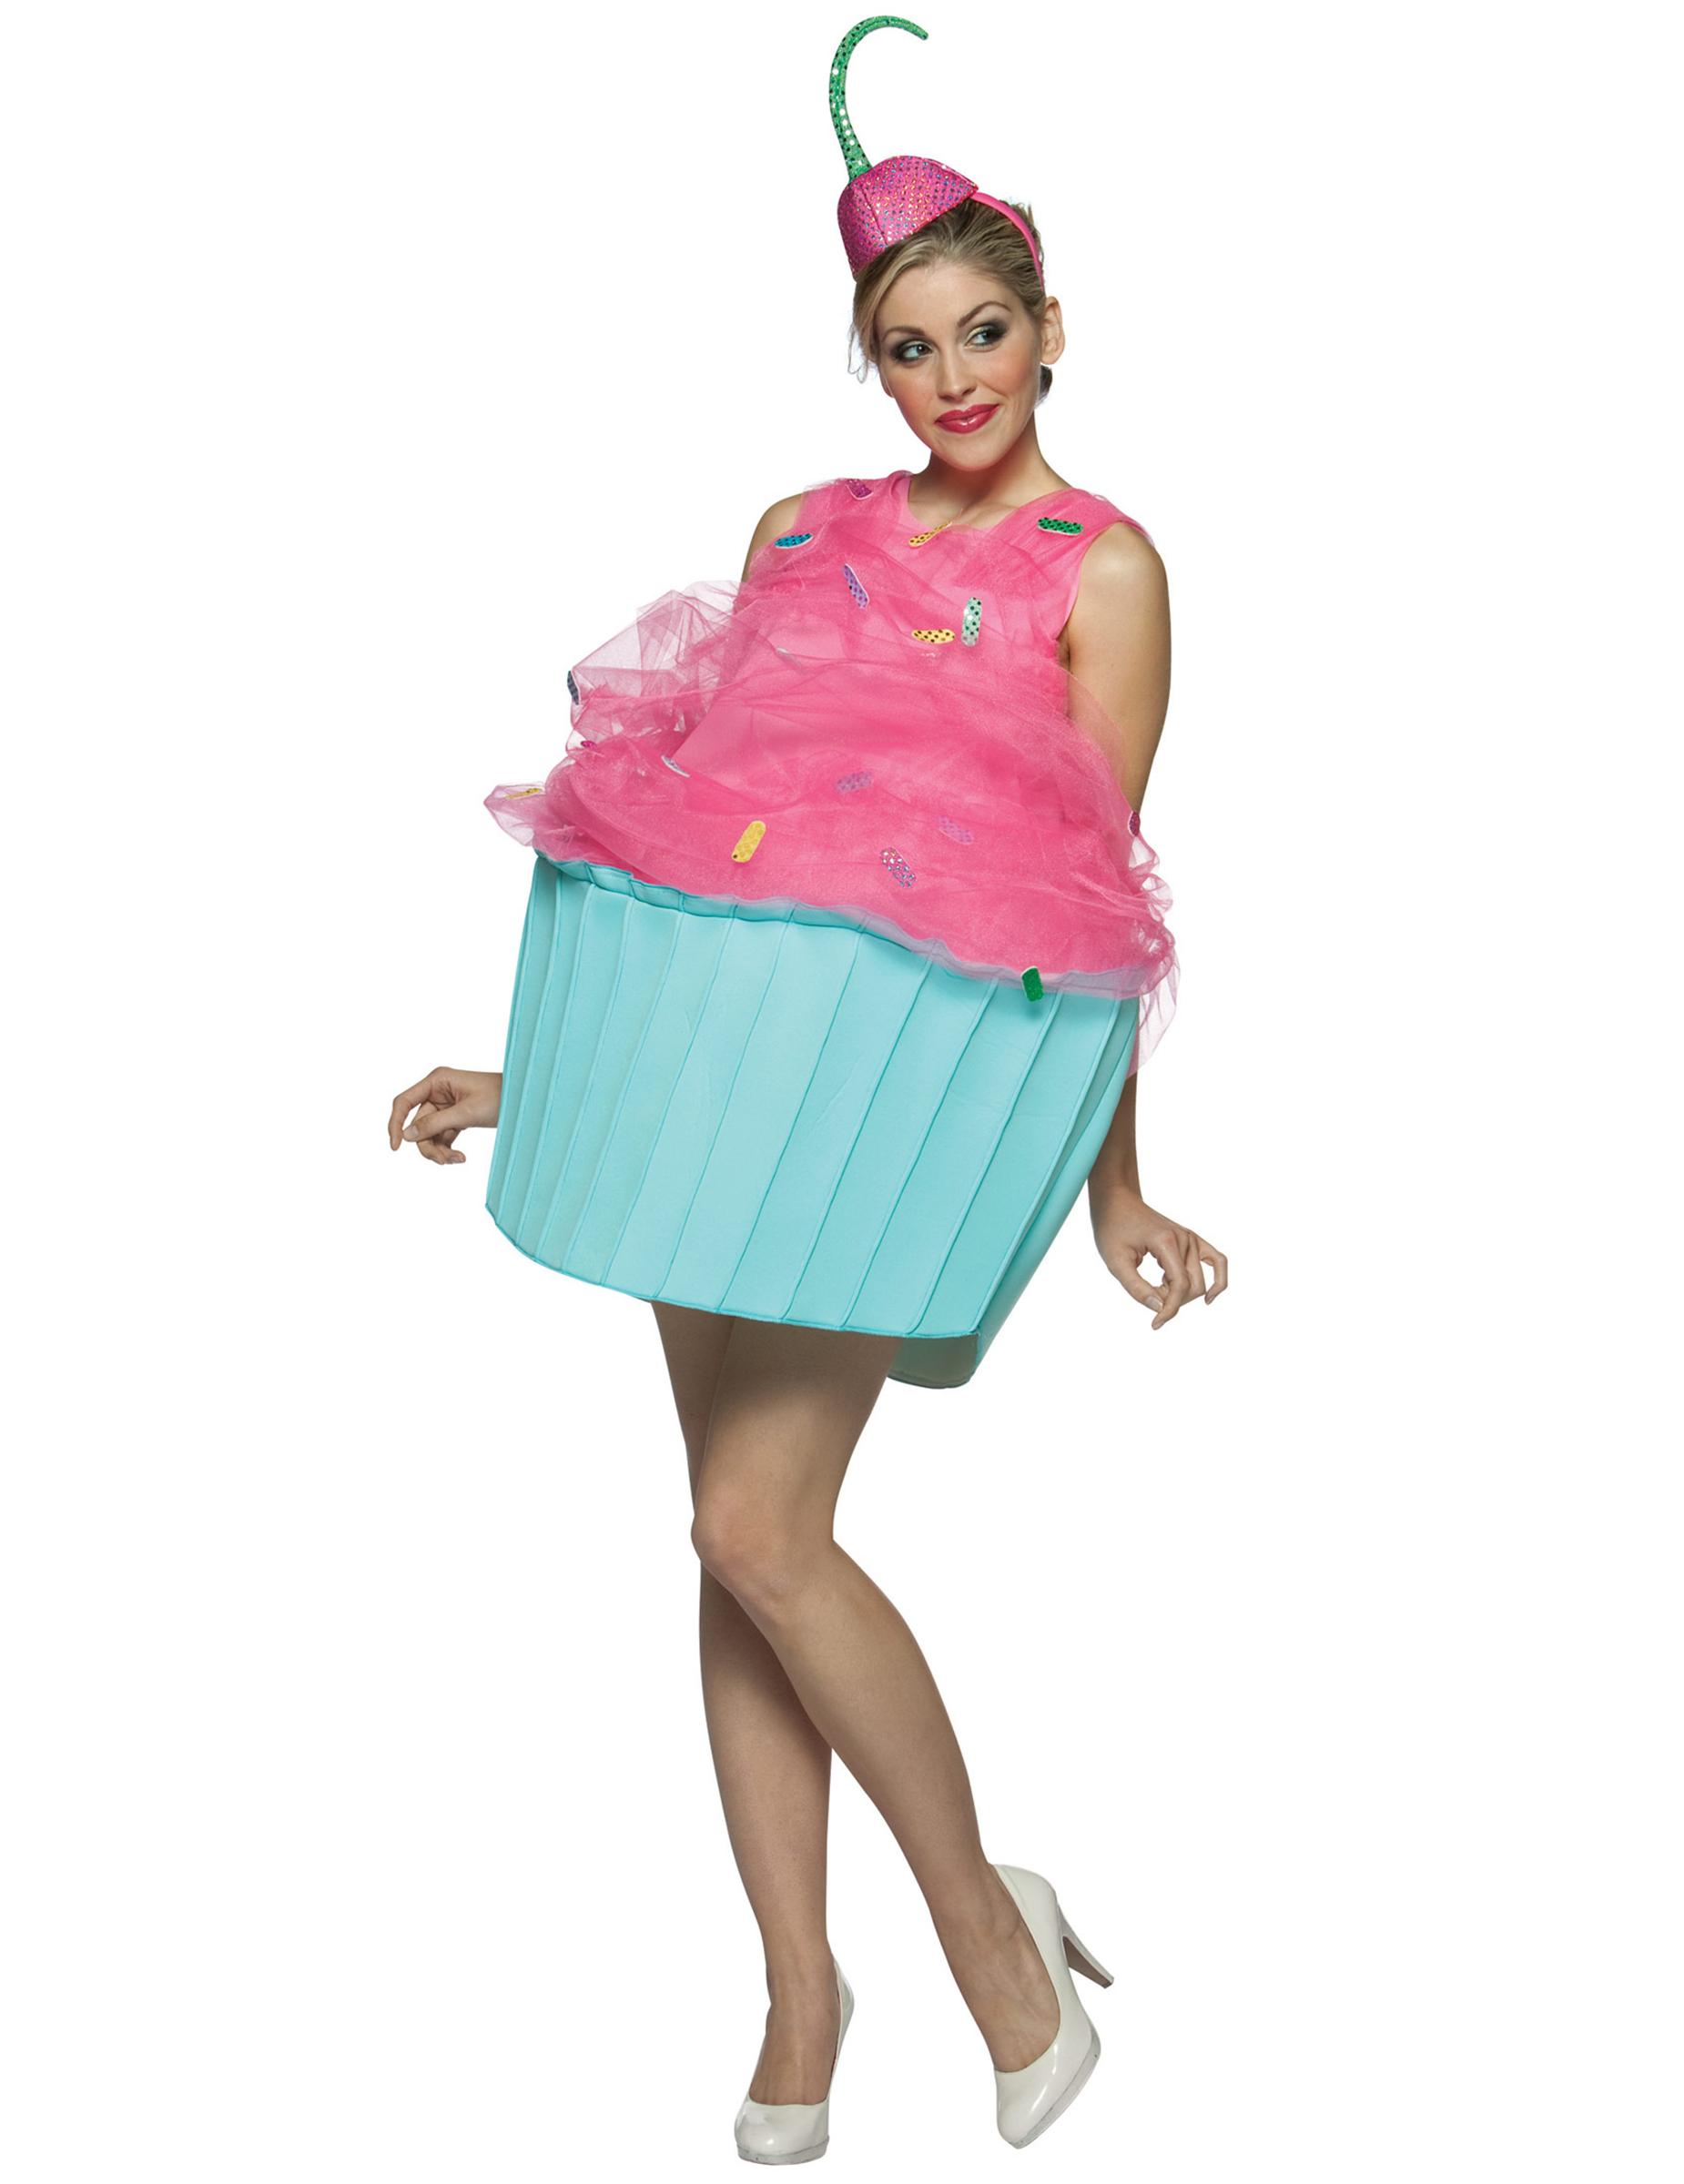 d guisement cupcake femme deguise toi achat de d guisements adultes. Black Bedroom Furniture Sets. Home Design Ideas